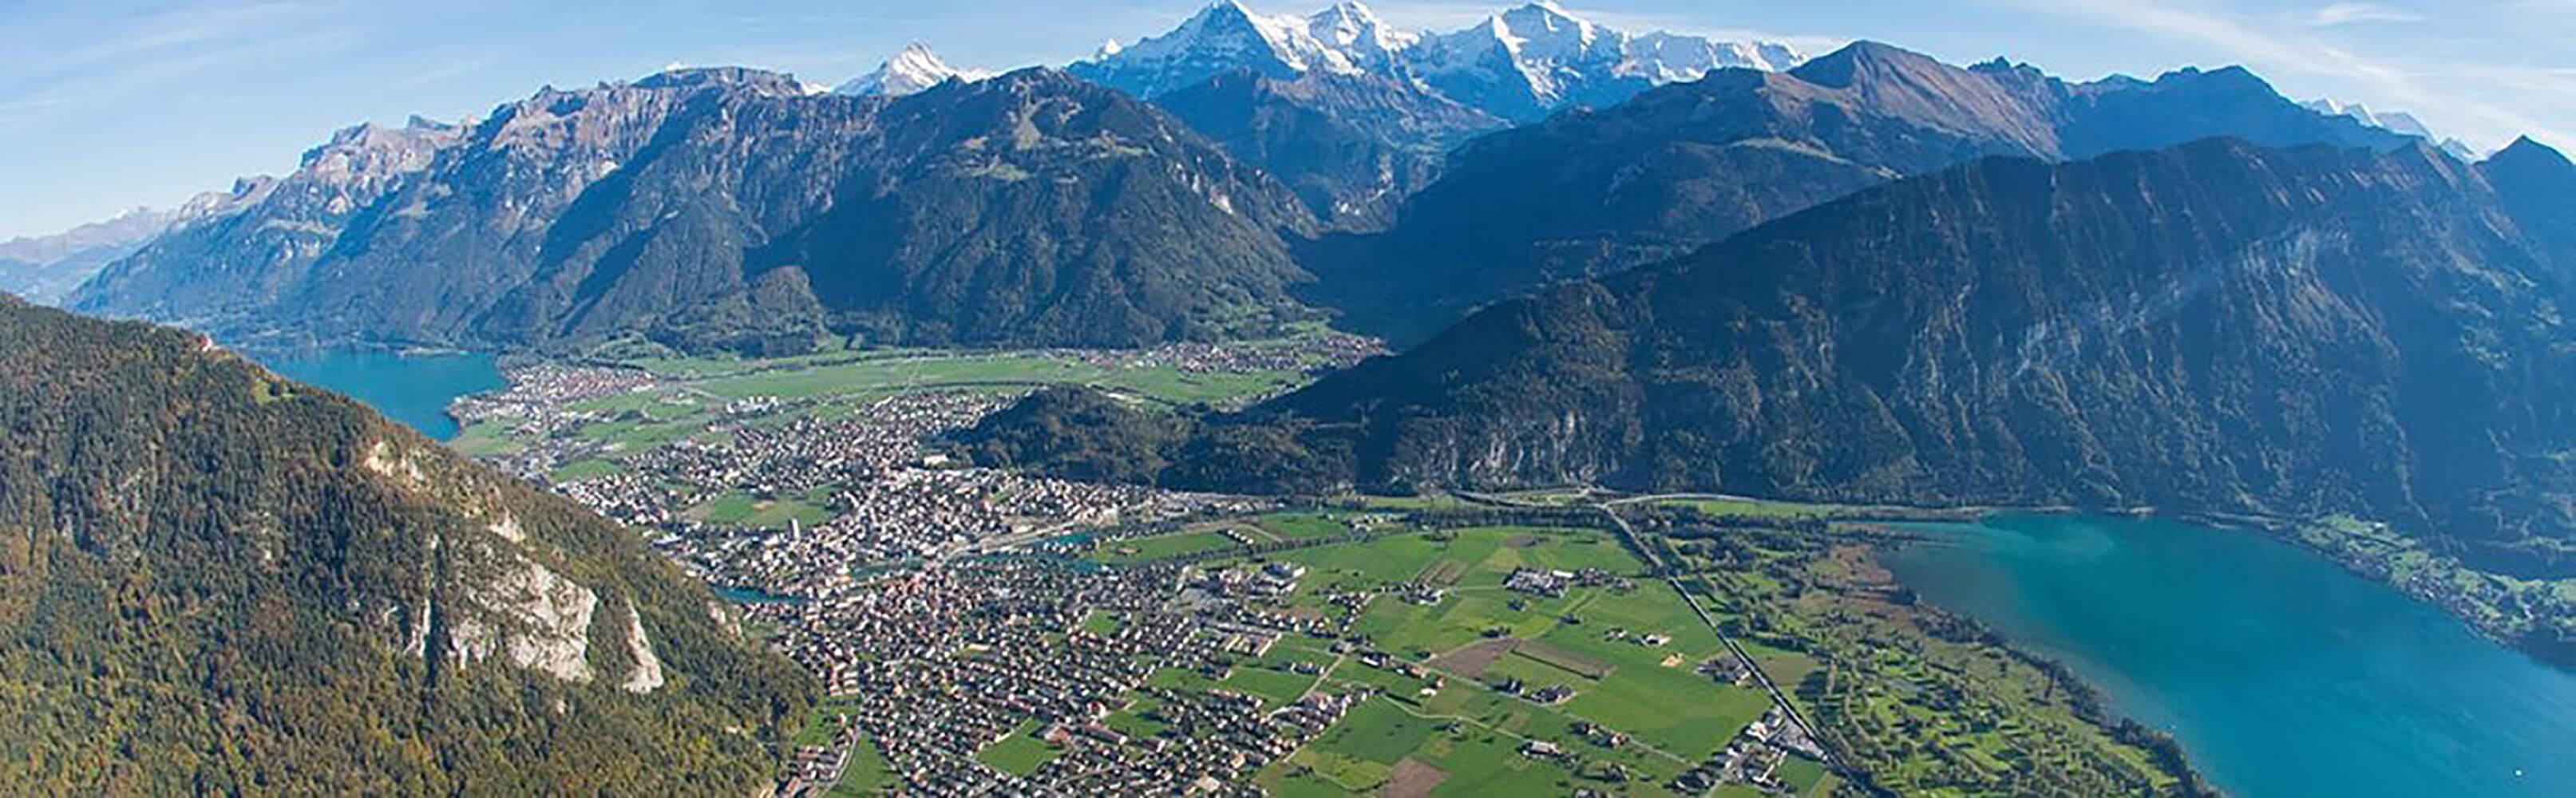 Eiger, Mönch und Jungfrau 1